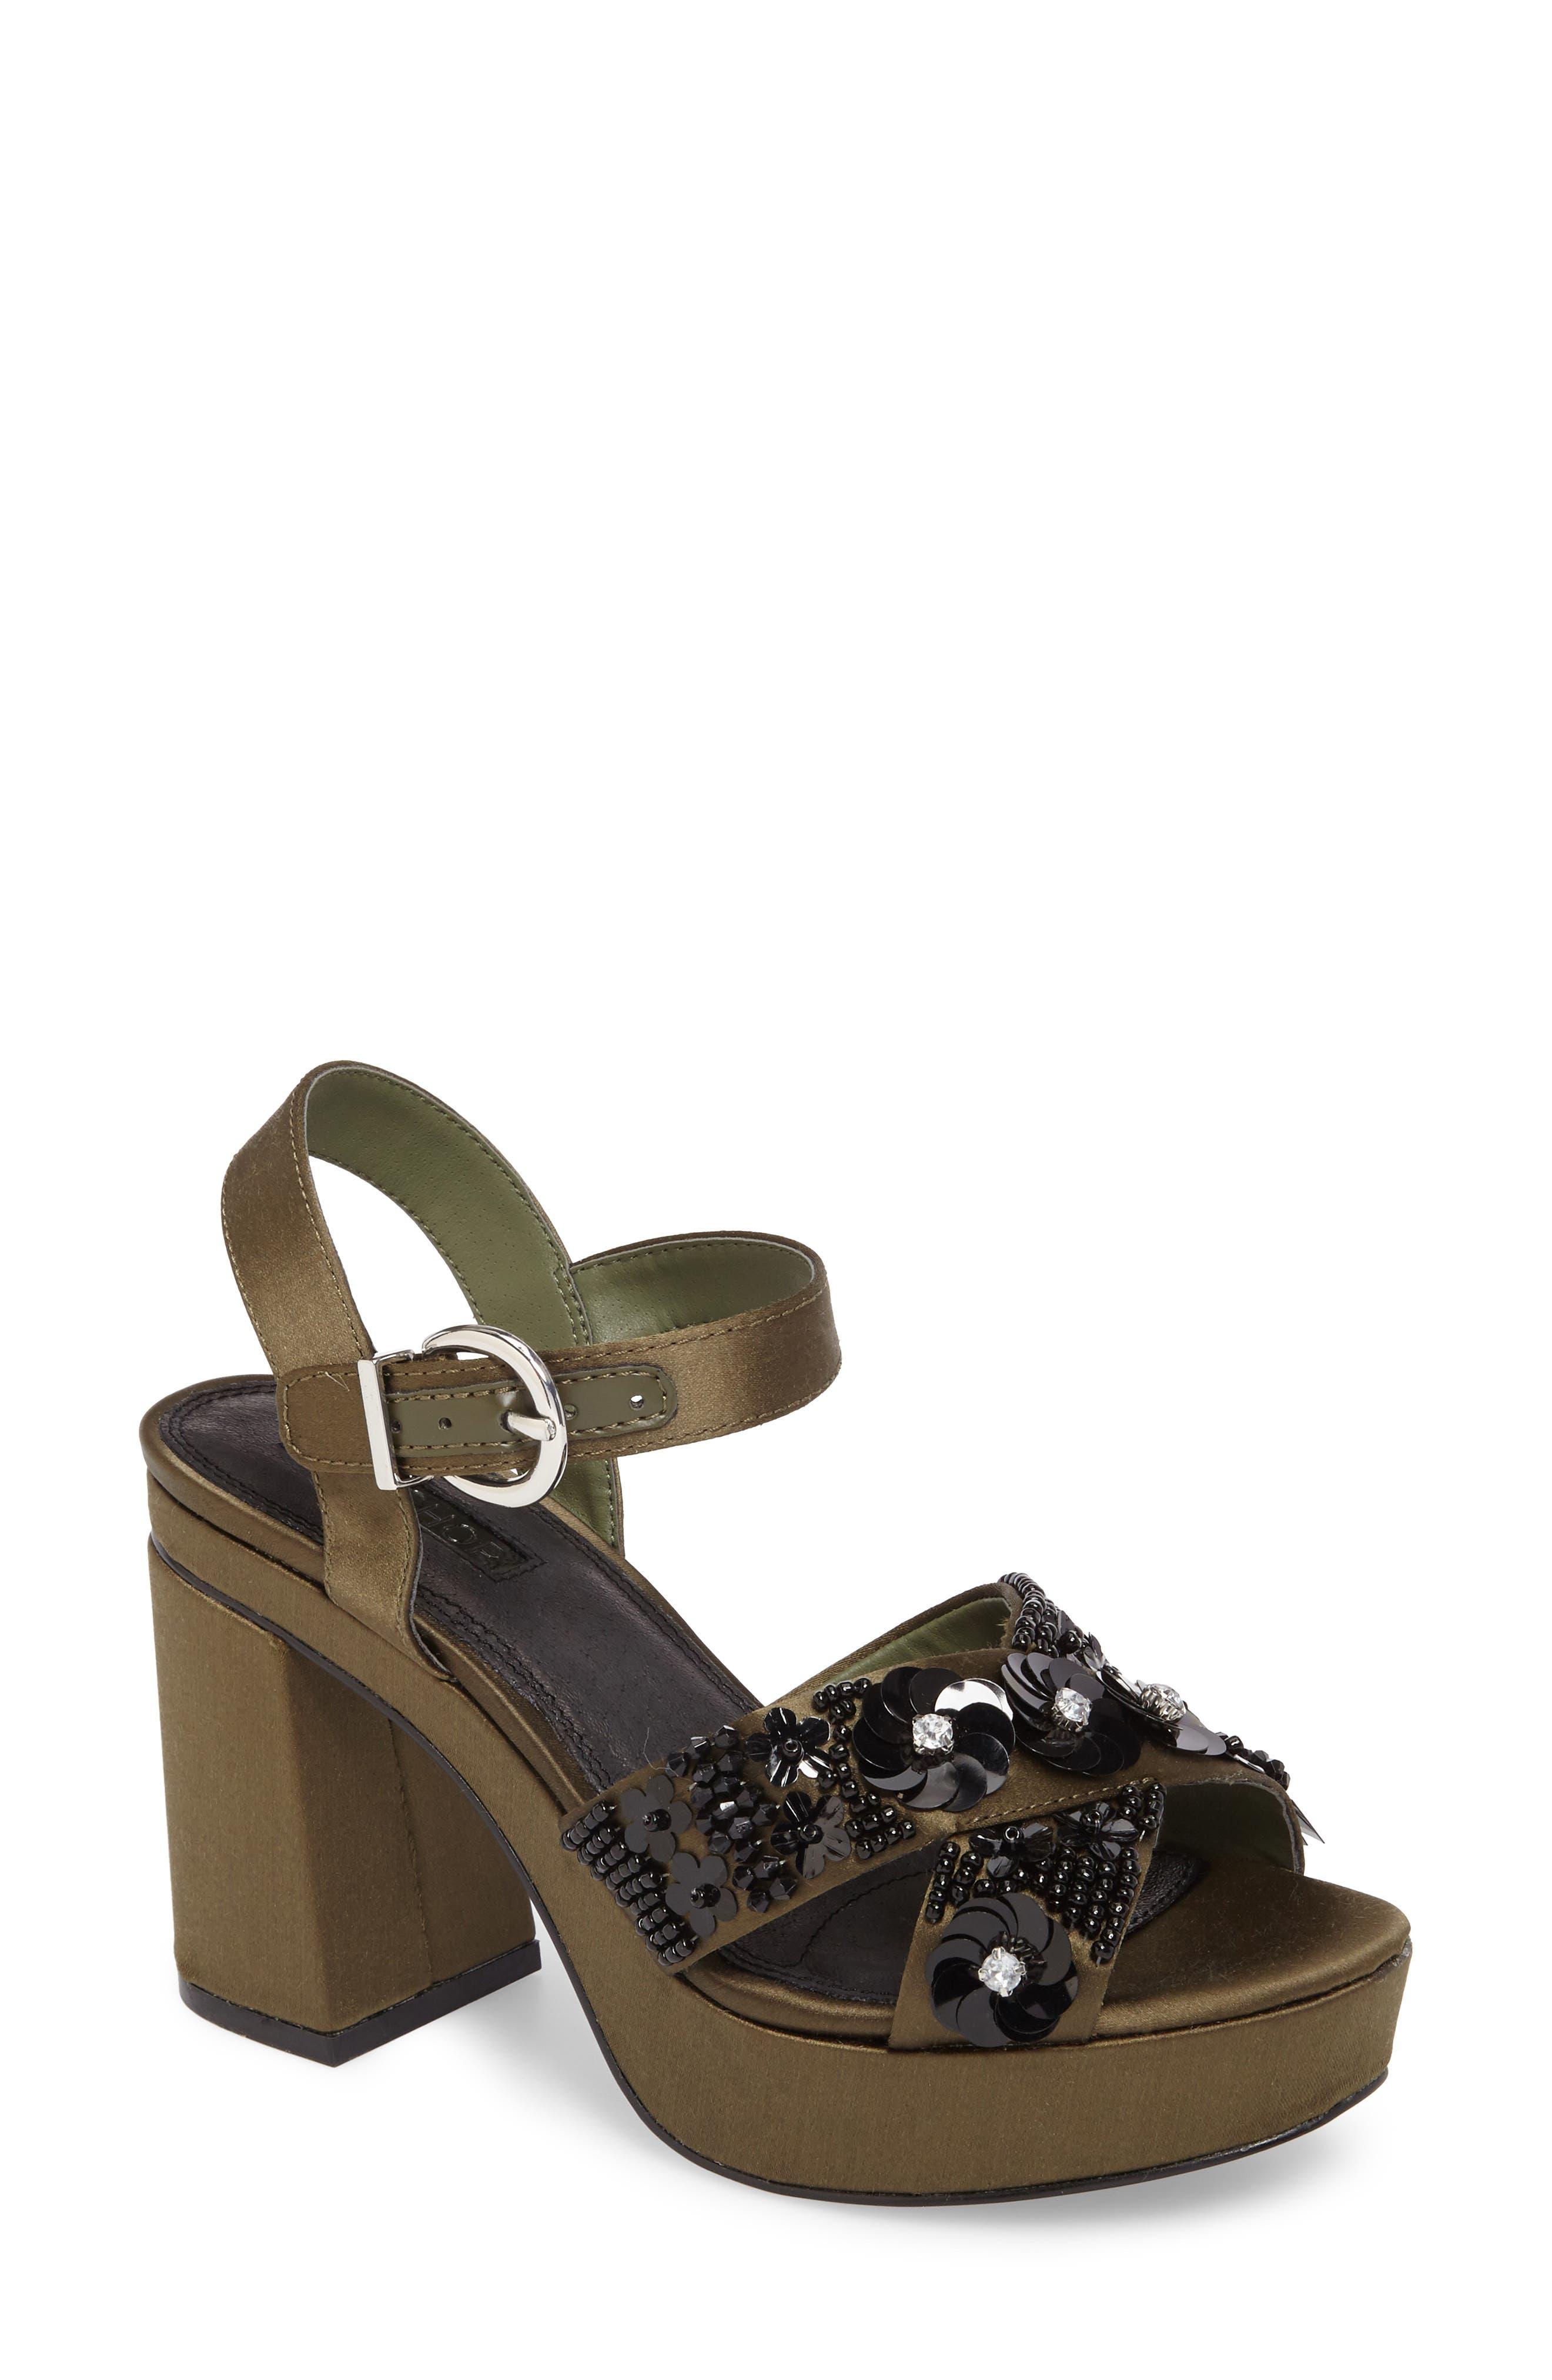 Lotus Embellished Platform Sandal,                         Main,                         color, Olive Multi